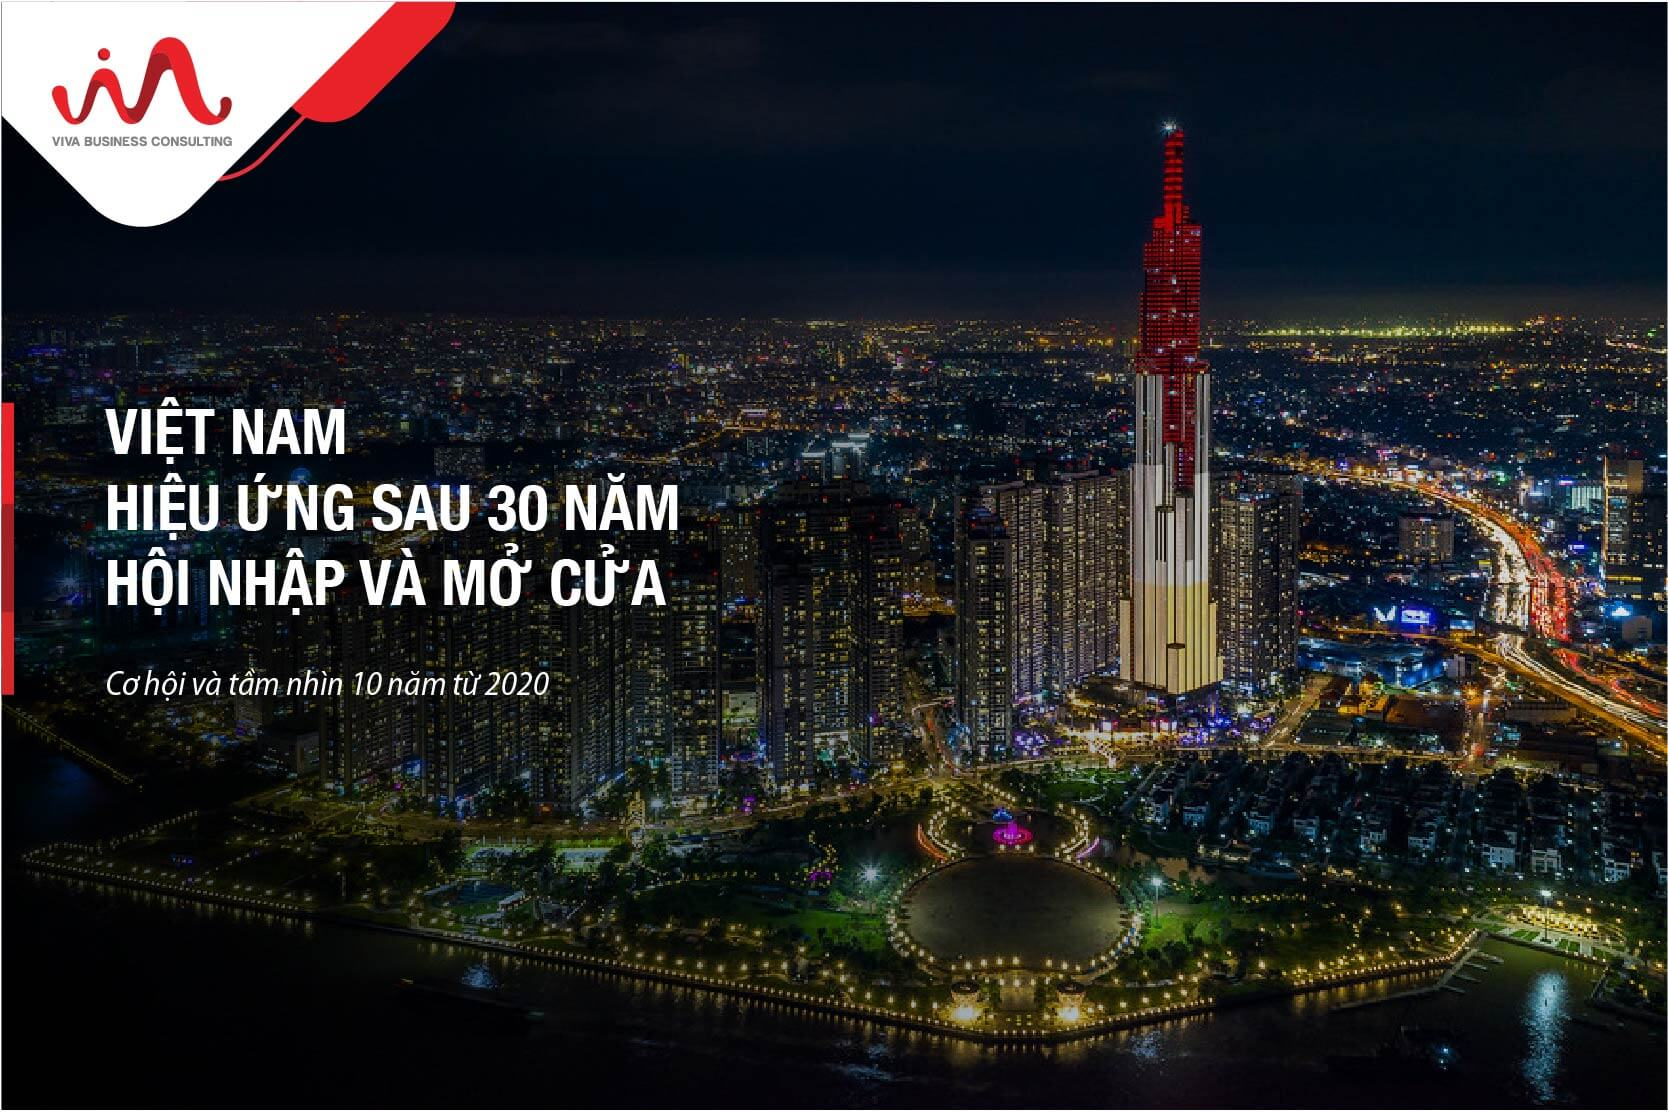 Thành lập doanh nghiệp tại Việt Nam